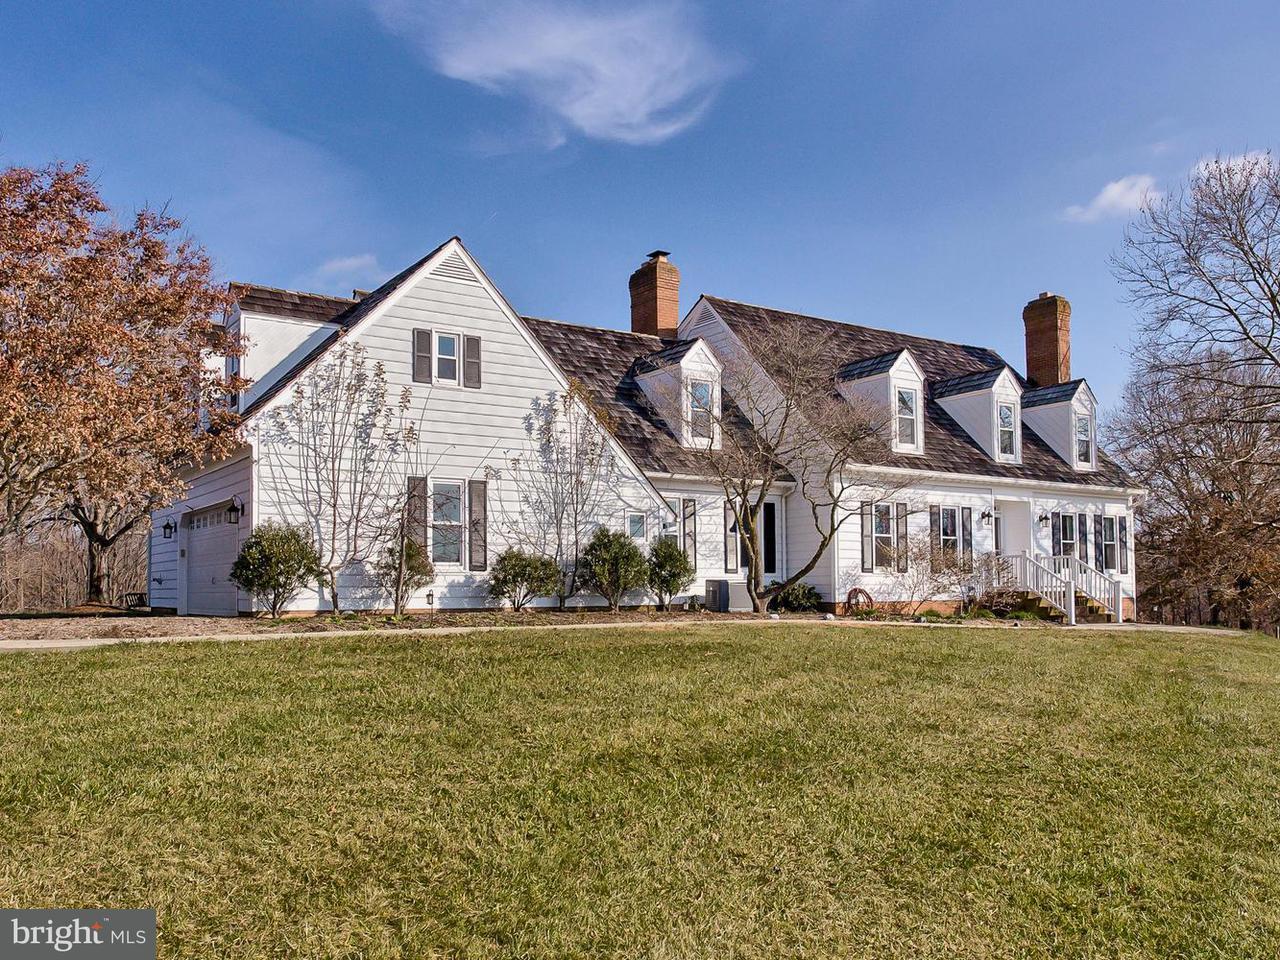 Single Family Home for Sale at 21131 Georgia Avenue 21131 Georgia Avenue Brookeville, Maryland 20833 United States